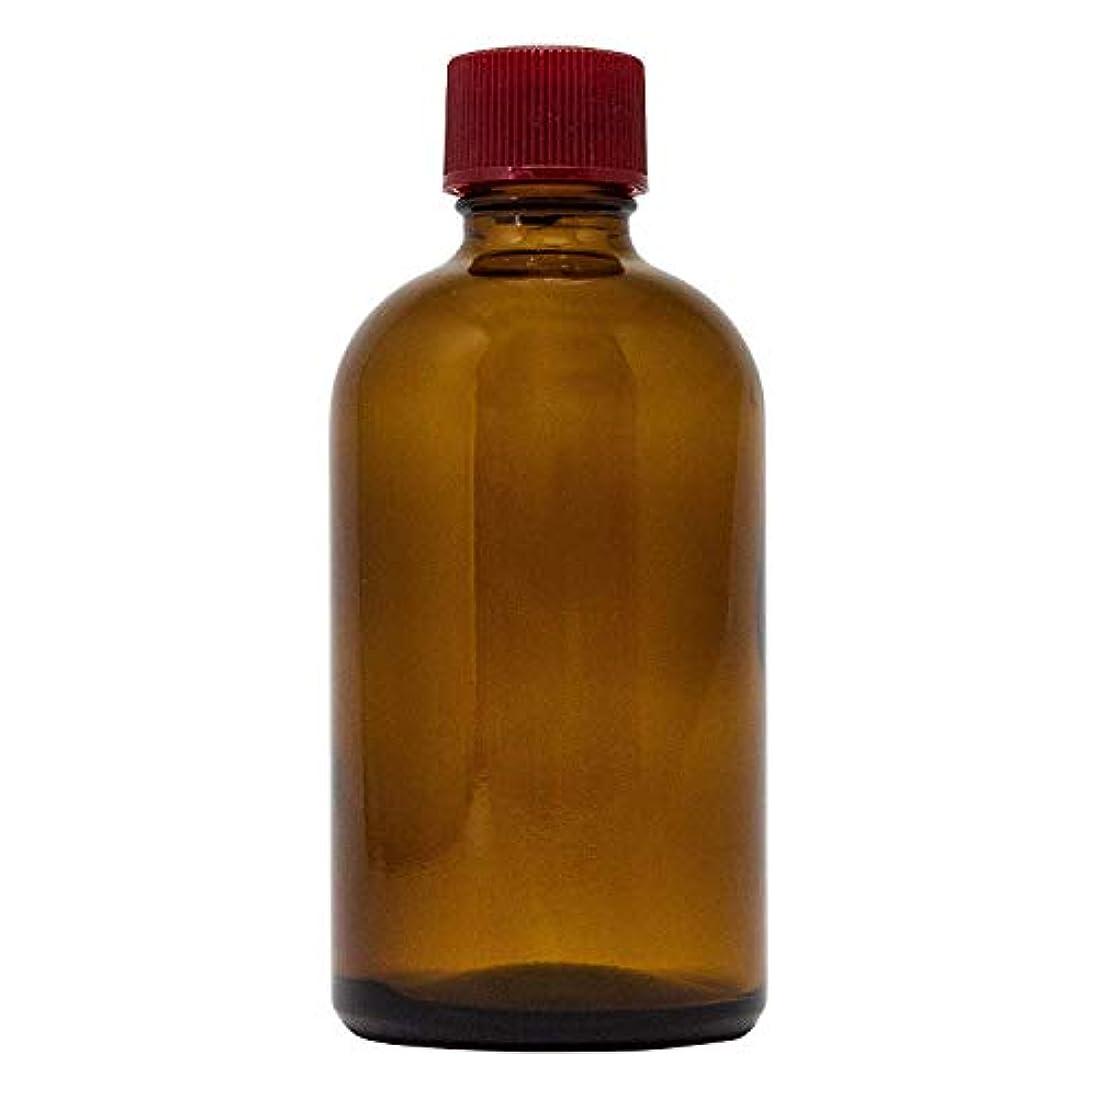 スタック帝国孤独な細口ガラス瓶 120ml *穴なし中栓